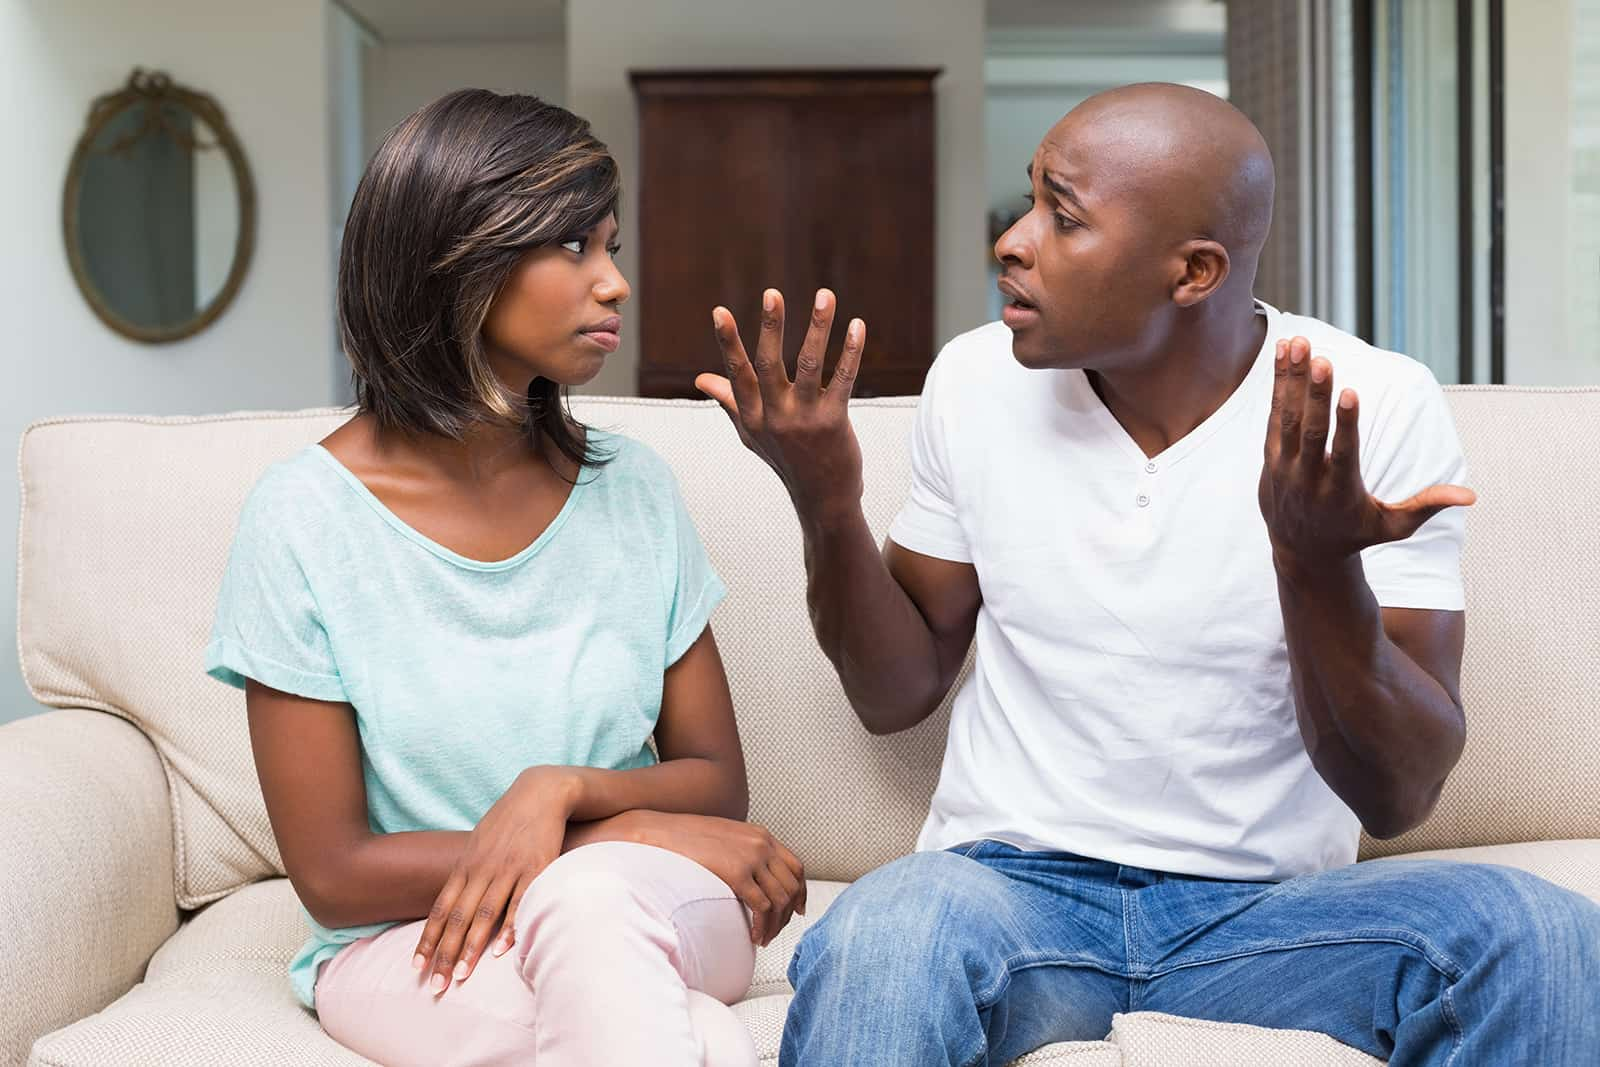 Ein Mann, der versucht, einer eifersüchtigen Frau, die zu Hause auf der Couch sitzt, etwas zu erklären